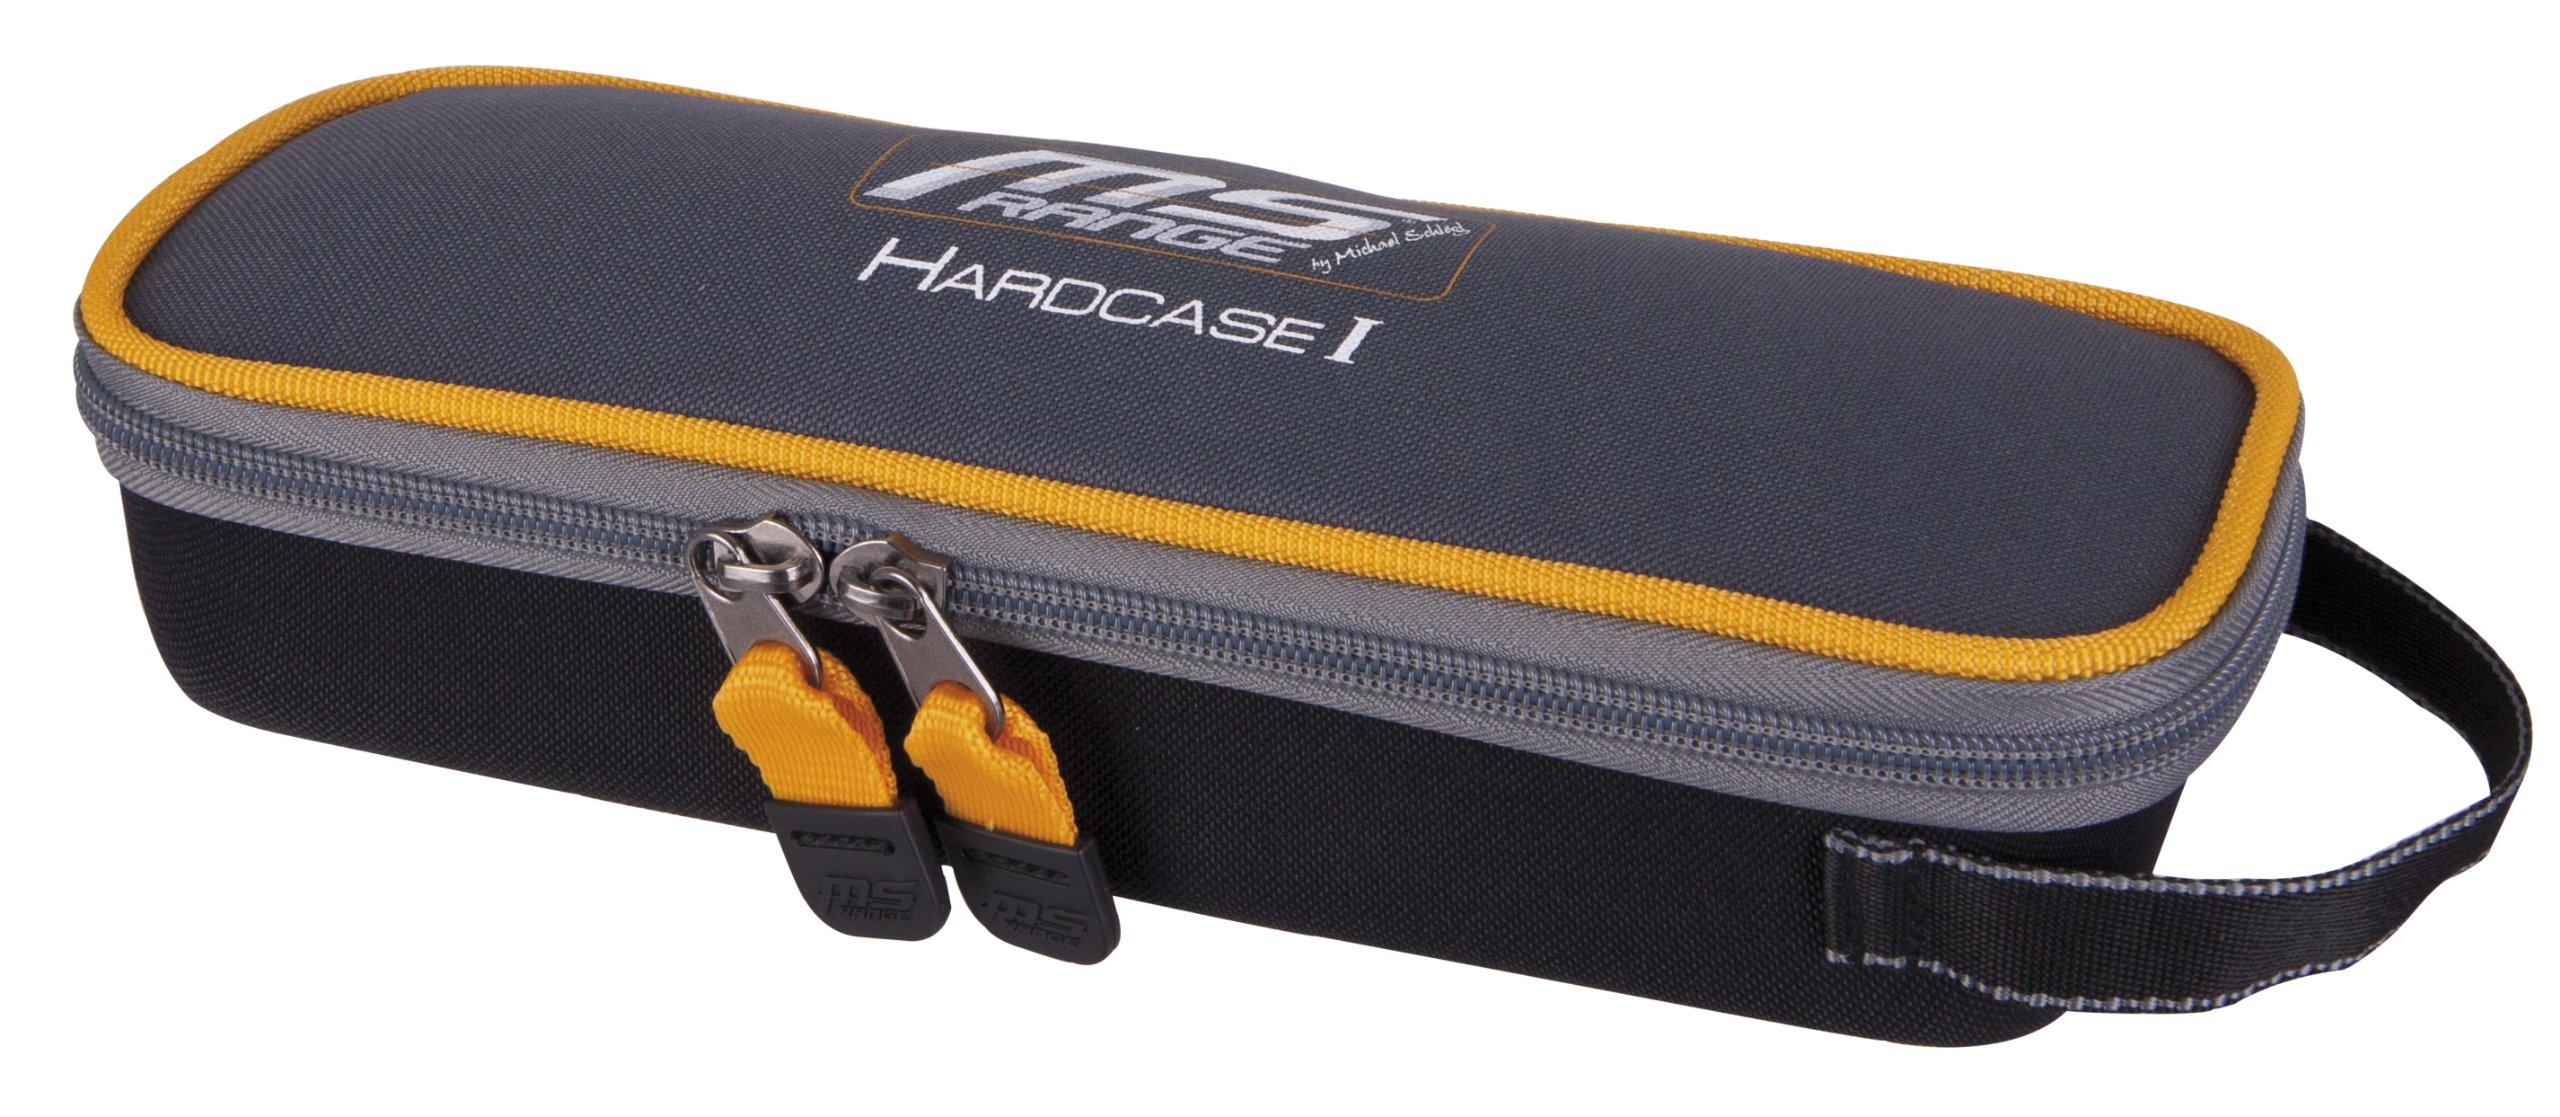 MS-Range Hardcase I–Series by Michael schloegl di borsa di Cantante